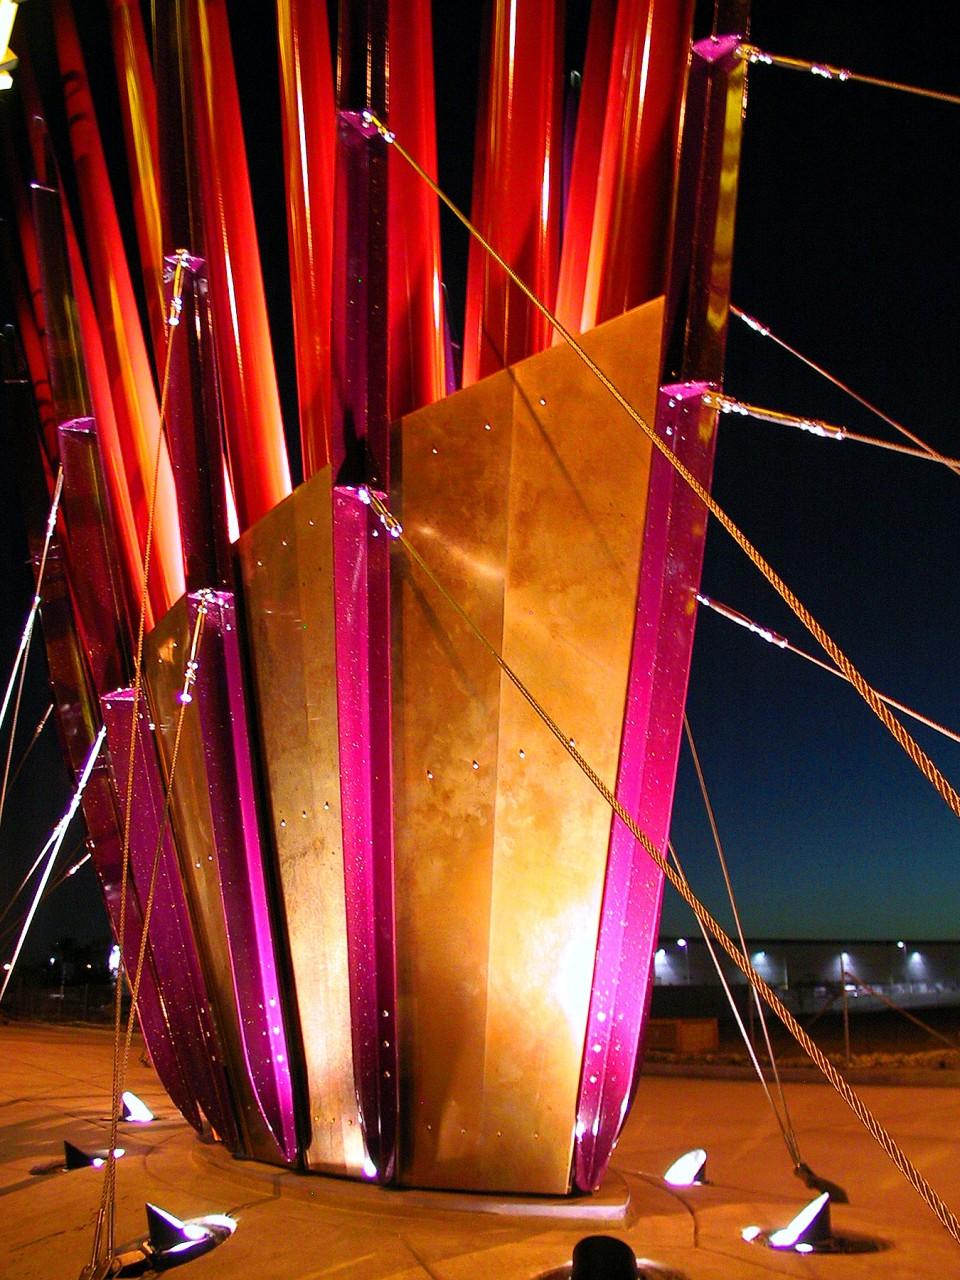 Springstar, Santa Fe Springs, California / image 7